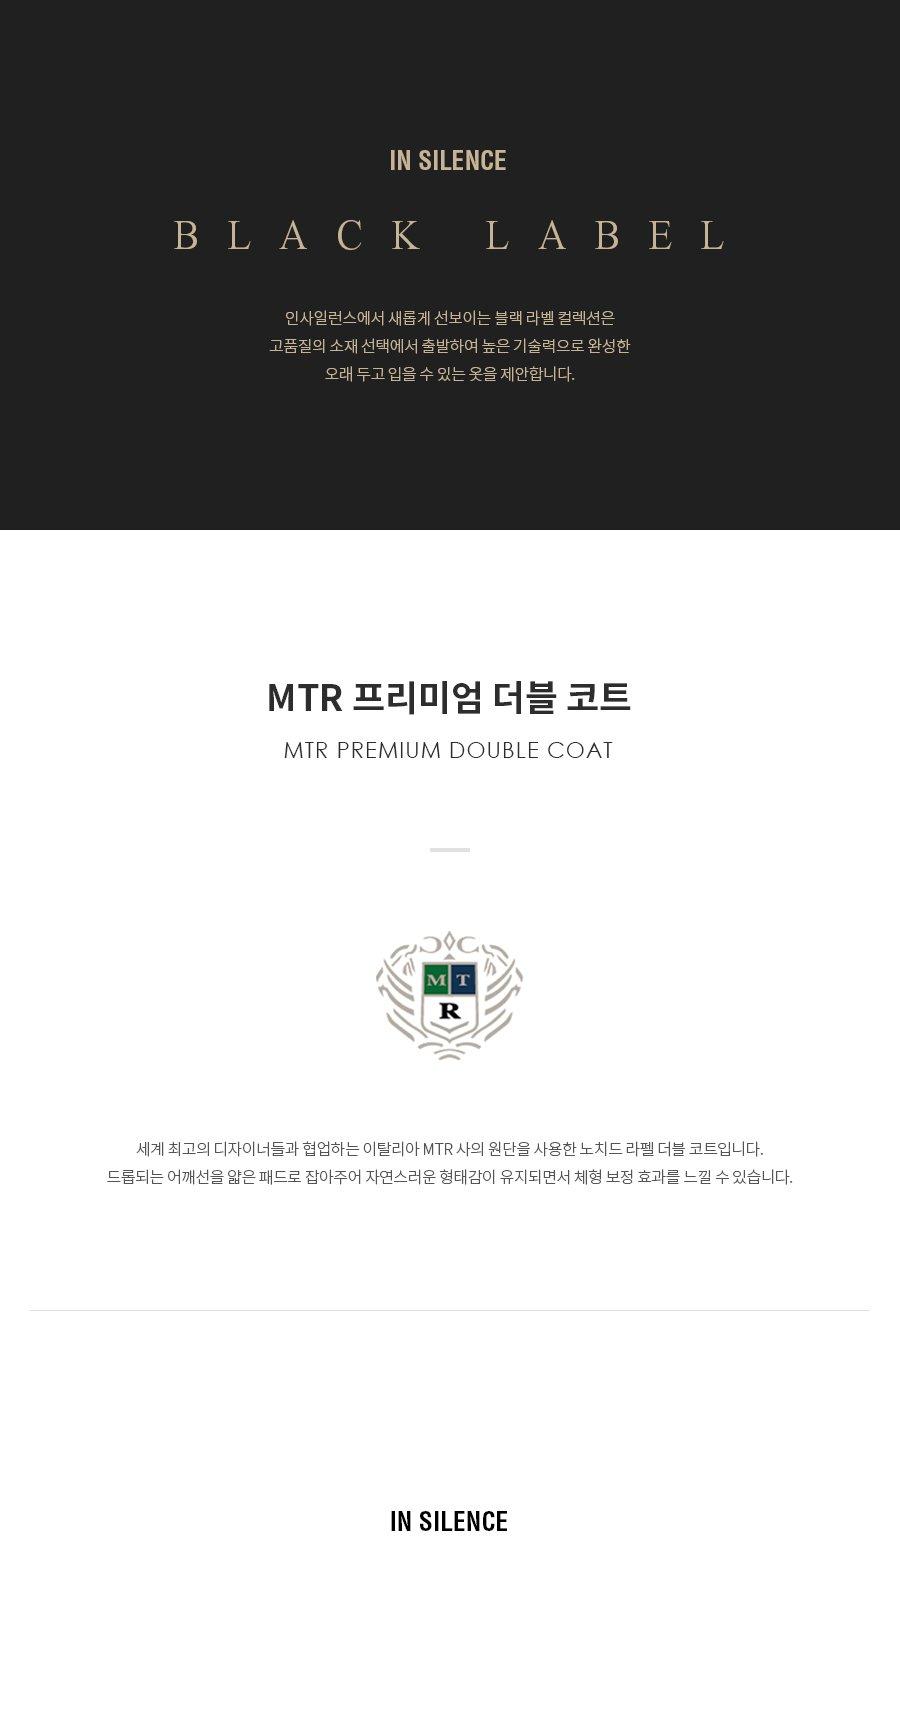 인사일런스(IN SILENCE) [BLACK LABEL] MTR 프리미엄 더블 코트 BROWN